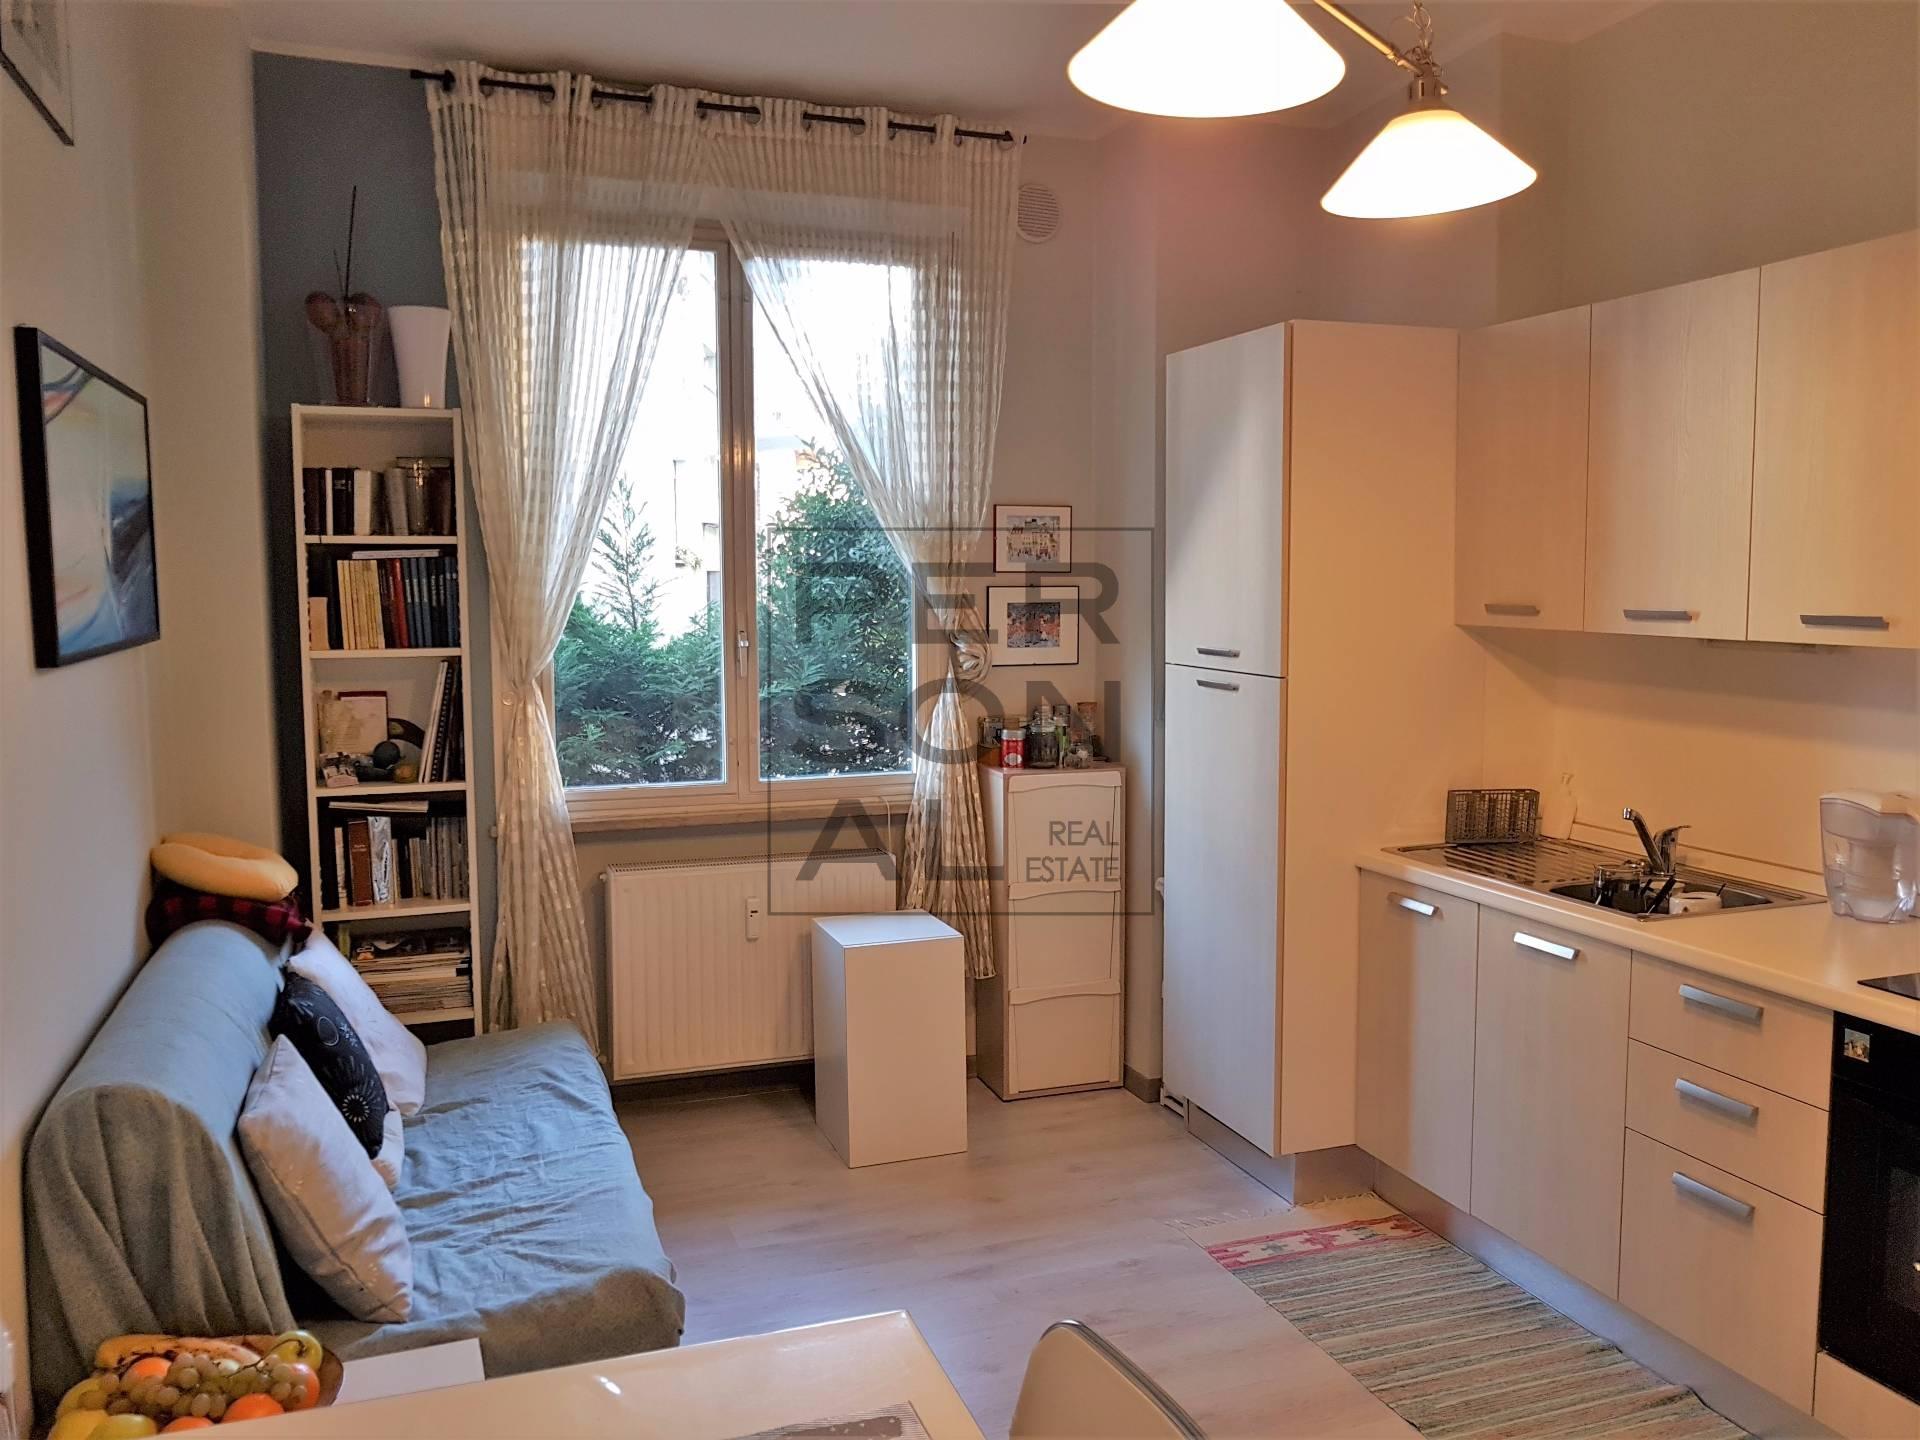 Appartamento in vendita a Zambana, 2 locali, prezzo € 89.000 | CambioCasa.it